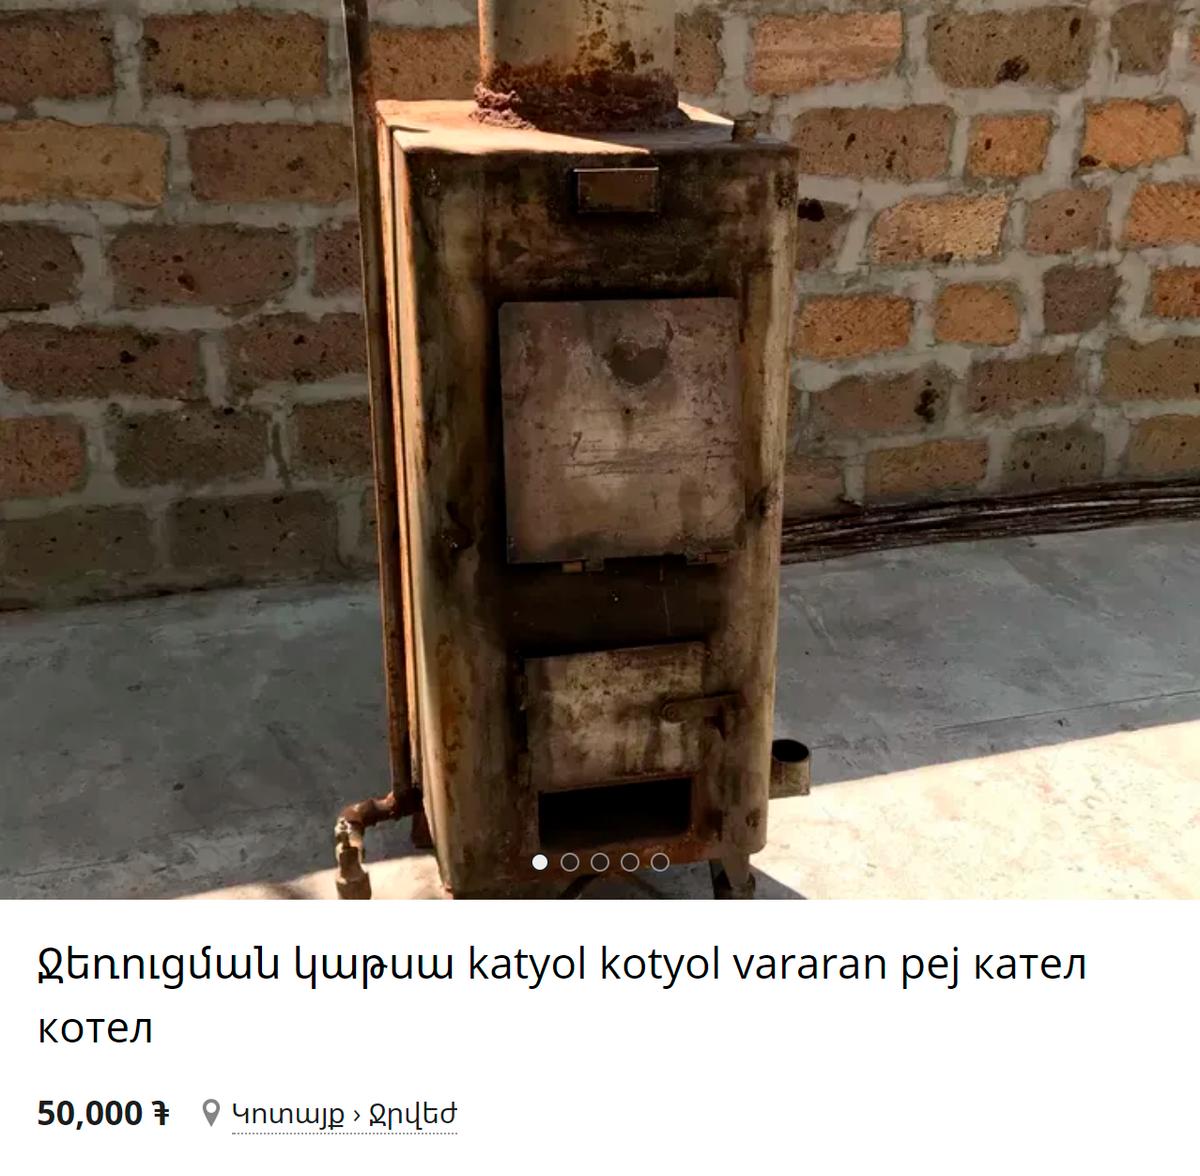 Такими трубопечами до сих пор пользуются в Армении. По объявлению можно купить бэушную за 50 000&nbsp;AMD (7000<span class=ruble>Р</span>)